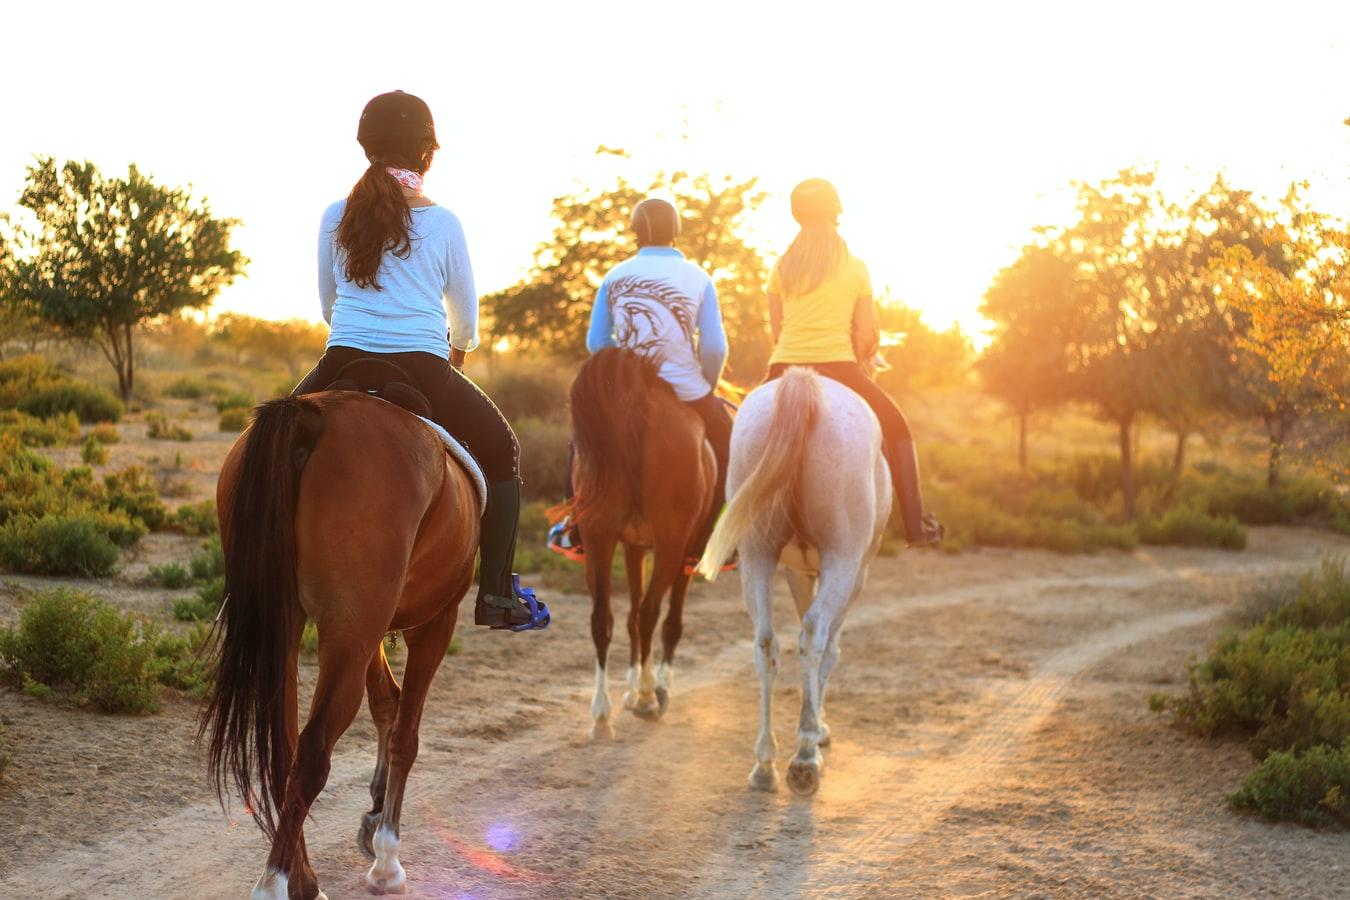 Strój jeździecki dla dziecka